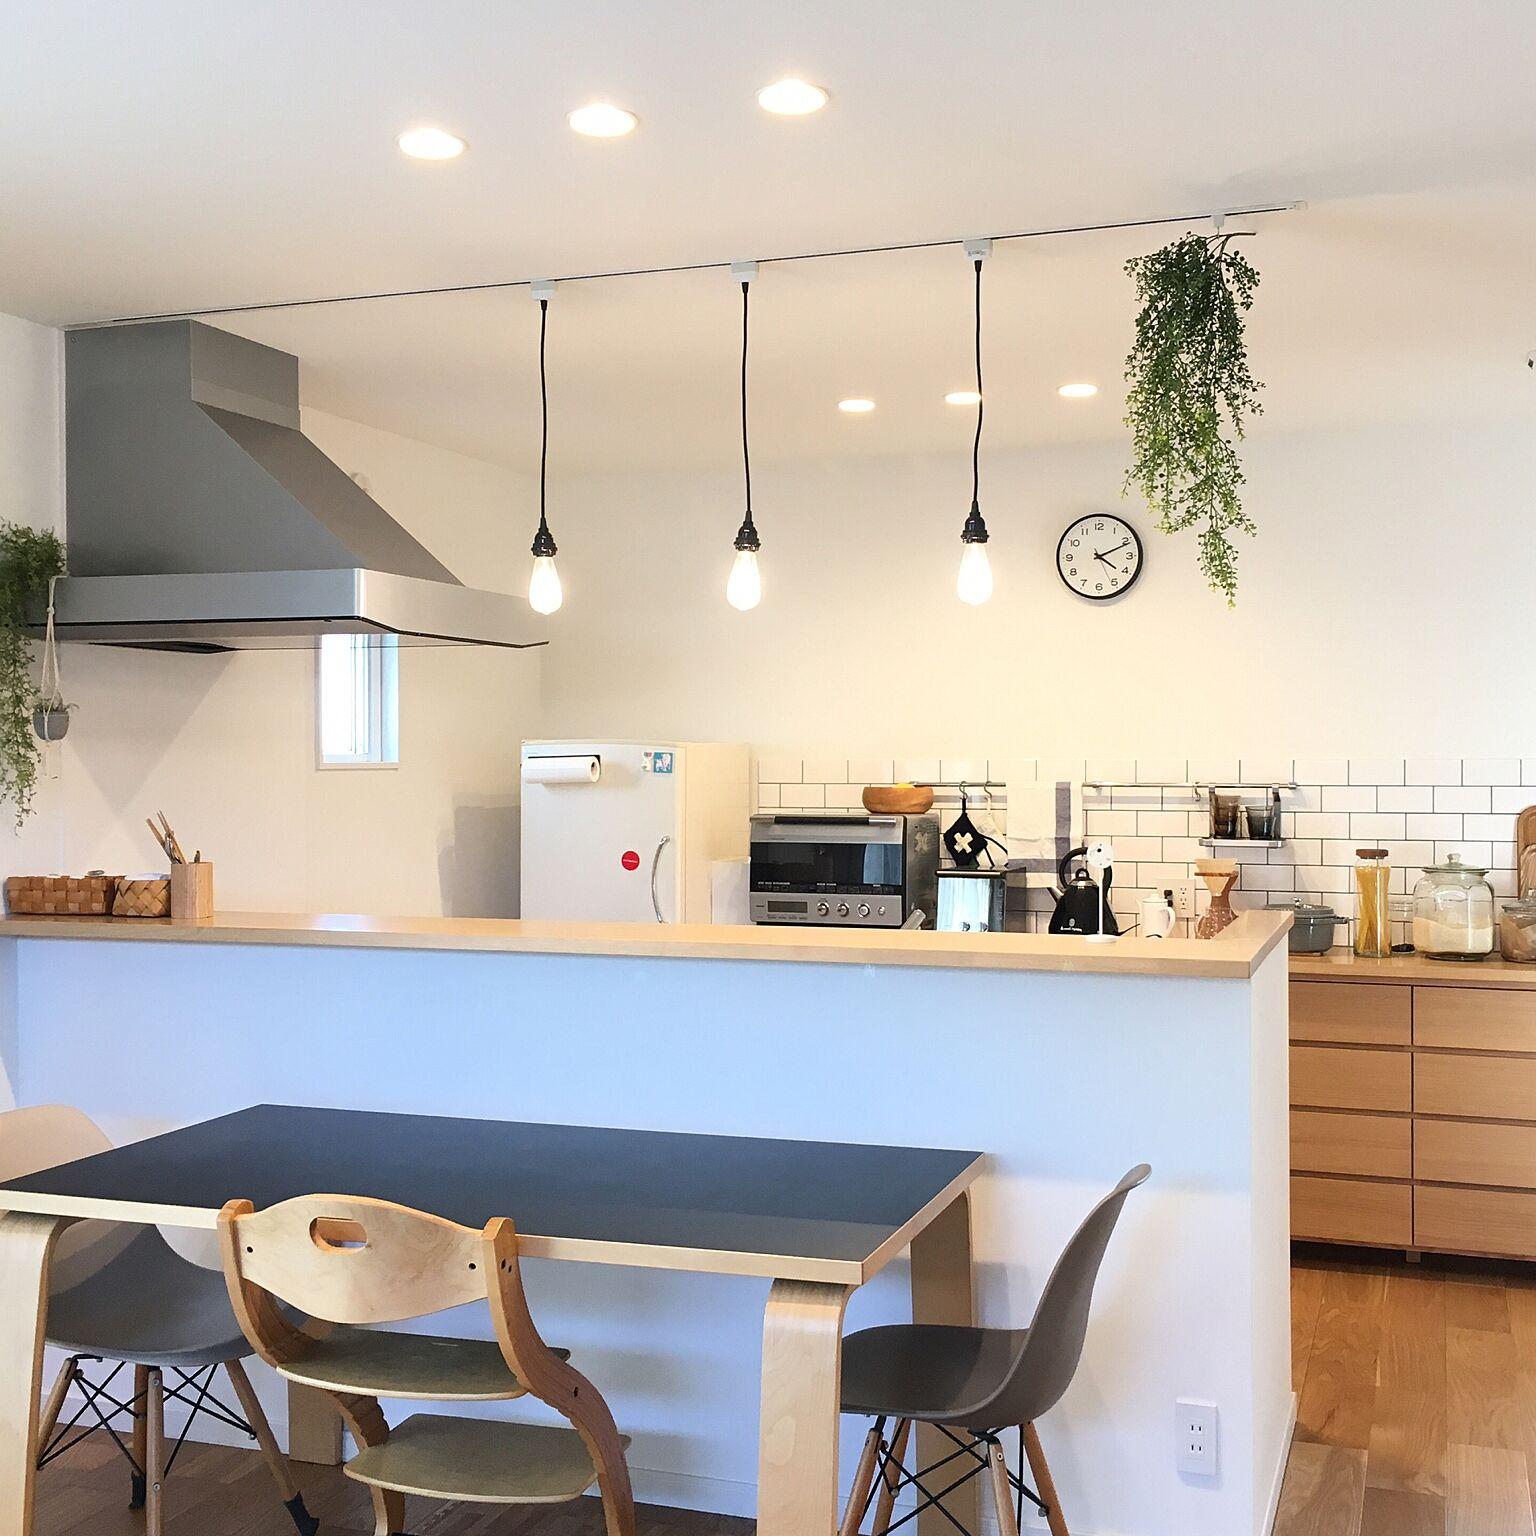 「本当の自分と向き合って。たどり着いたシンプル空間」憧れのキッチン vol.95 velihoooさん